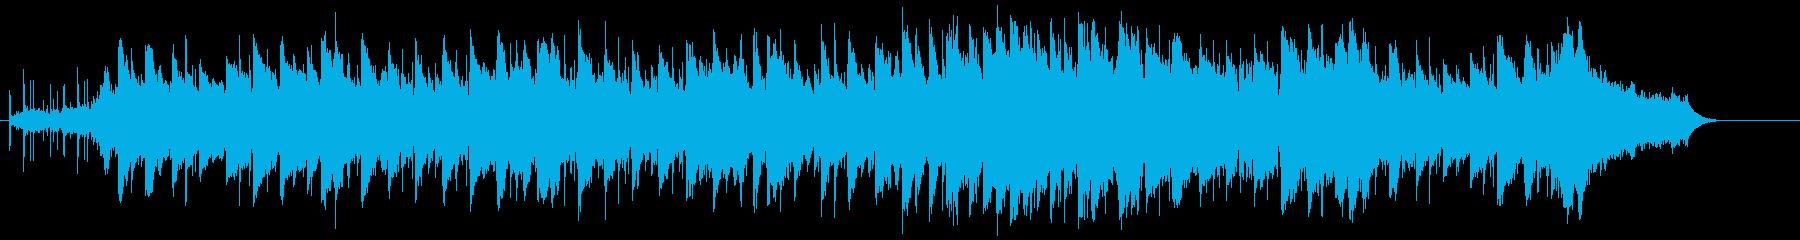 バラードに泣き要素のコントラストの再生済みの波形